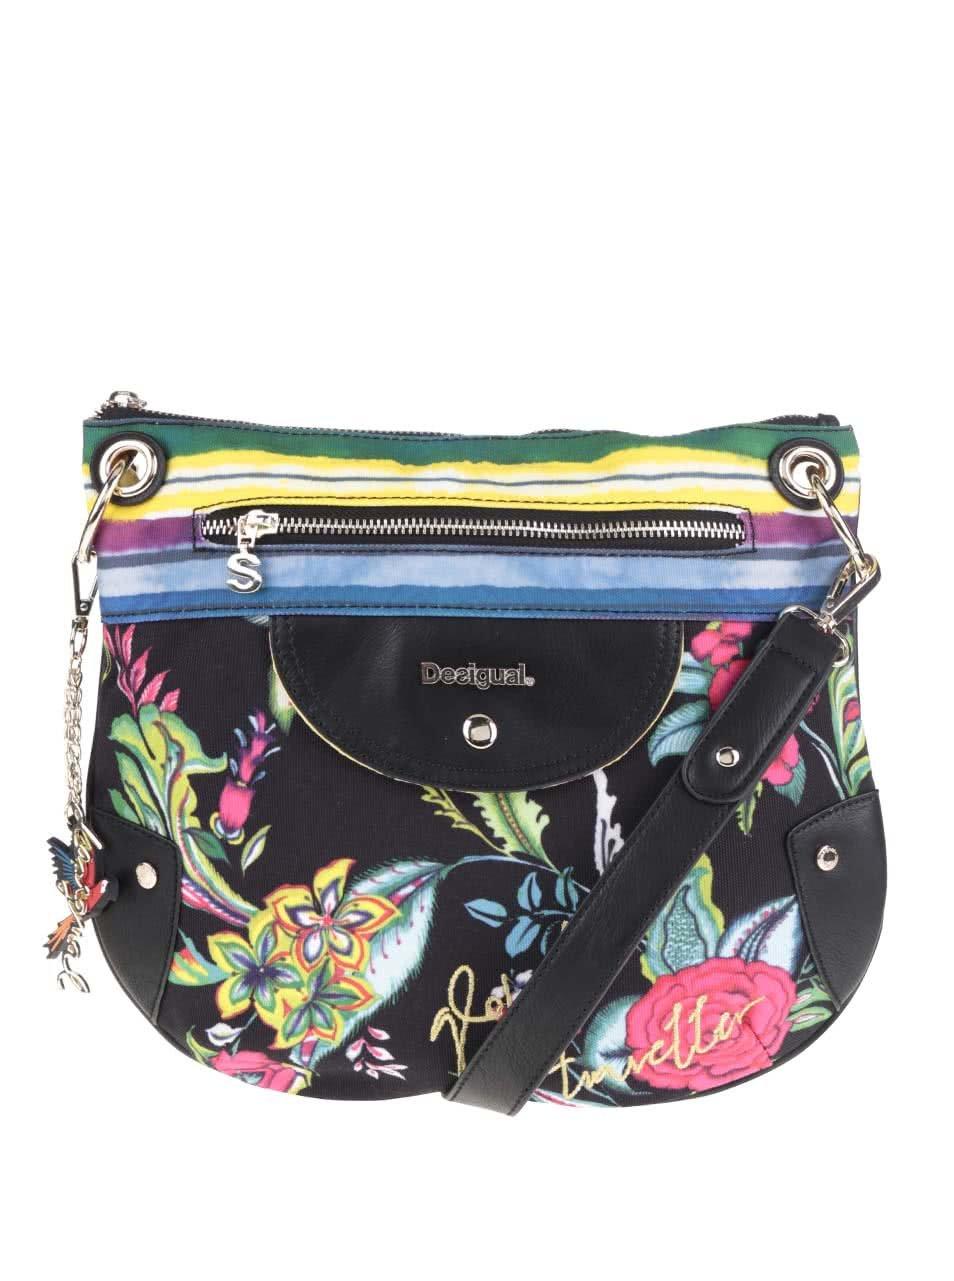 Černá crossbody kabelka s barevnými květy a přívěšky Desigual Brooklyn Cancun